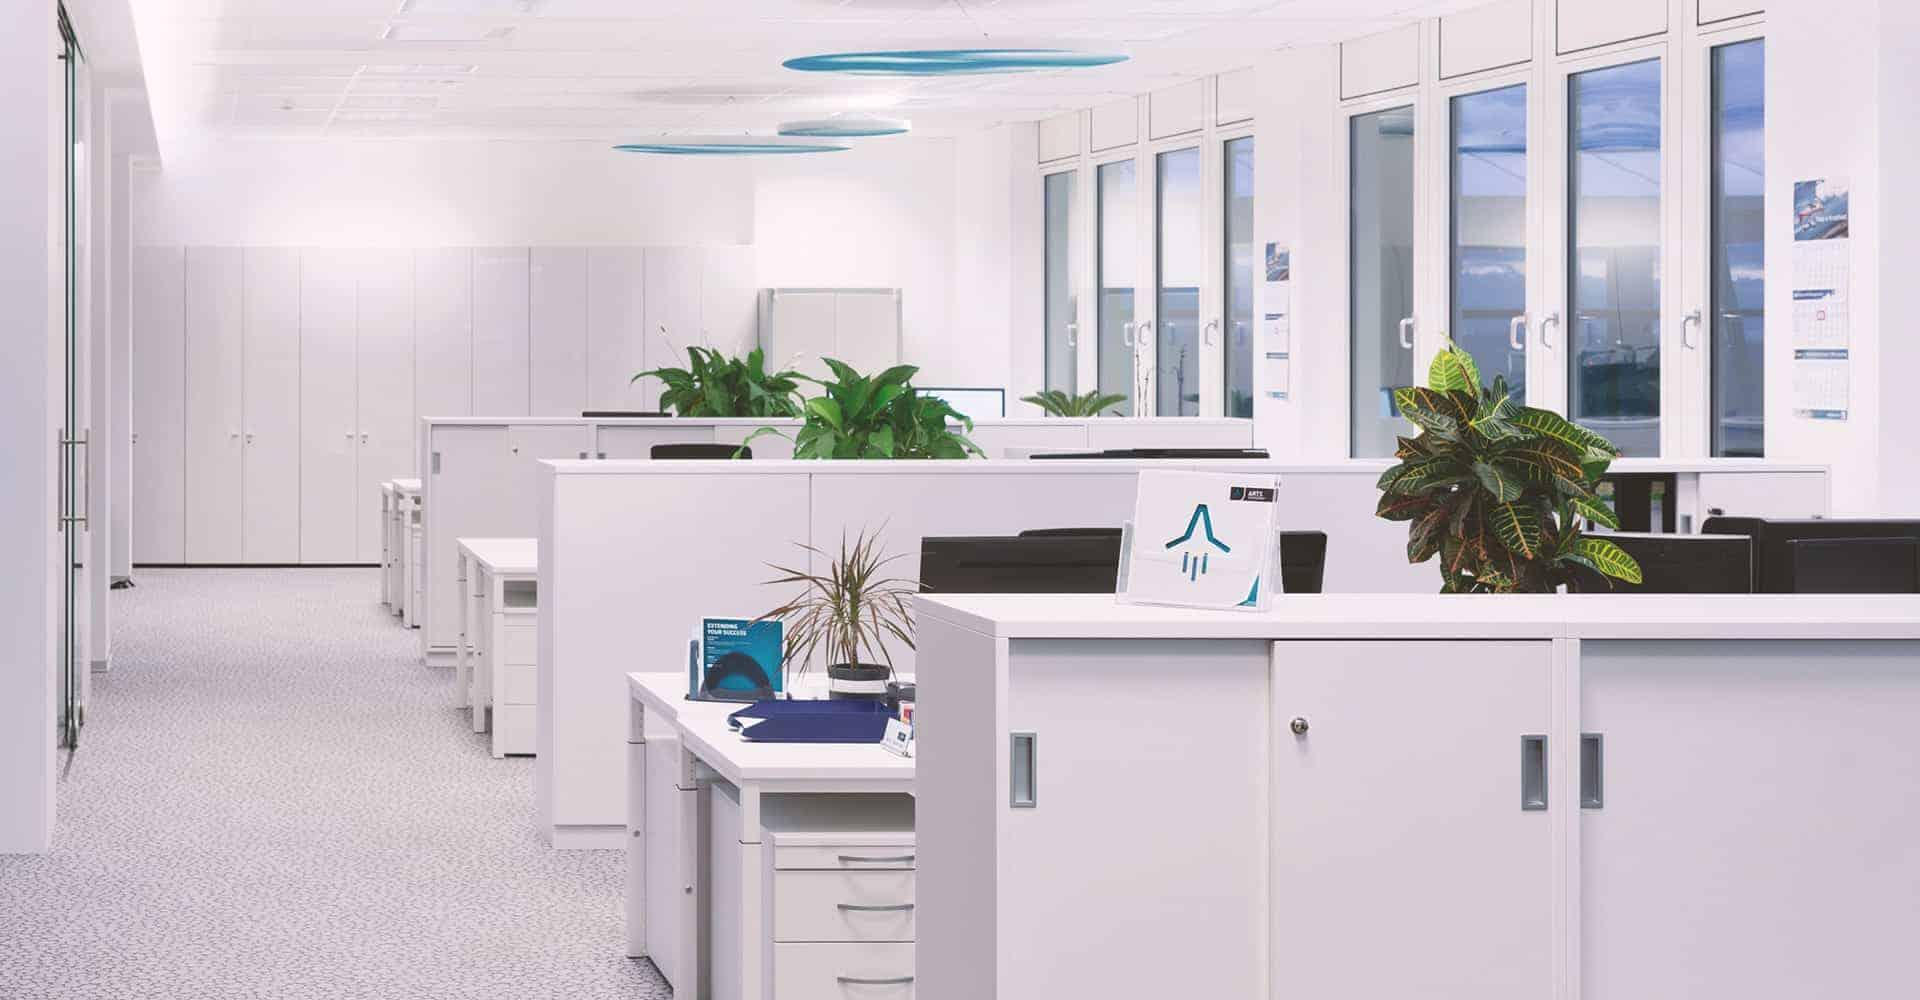 AIRPORT CENTER DRESDEN | INNENAUSBAU BÜROETAGE | Nach Planung des Architekturbüros Seidel+Architekten wurde die Büroetage des Airport Centers Dresden komplett neugestaltet.